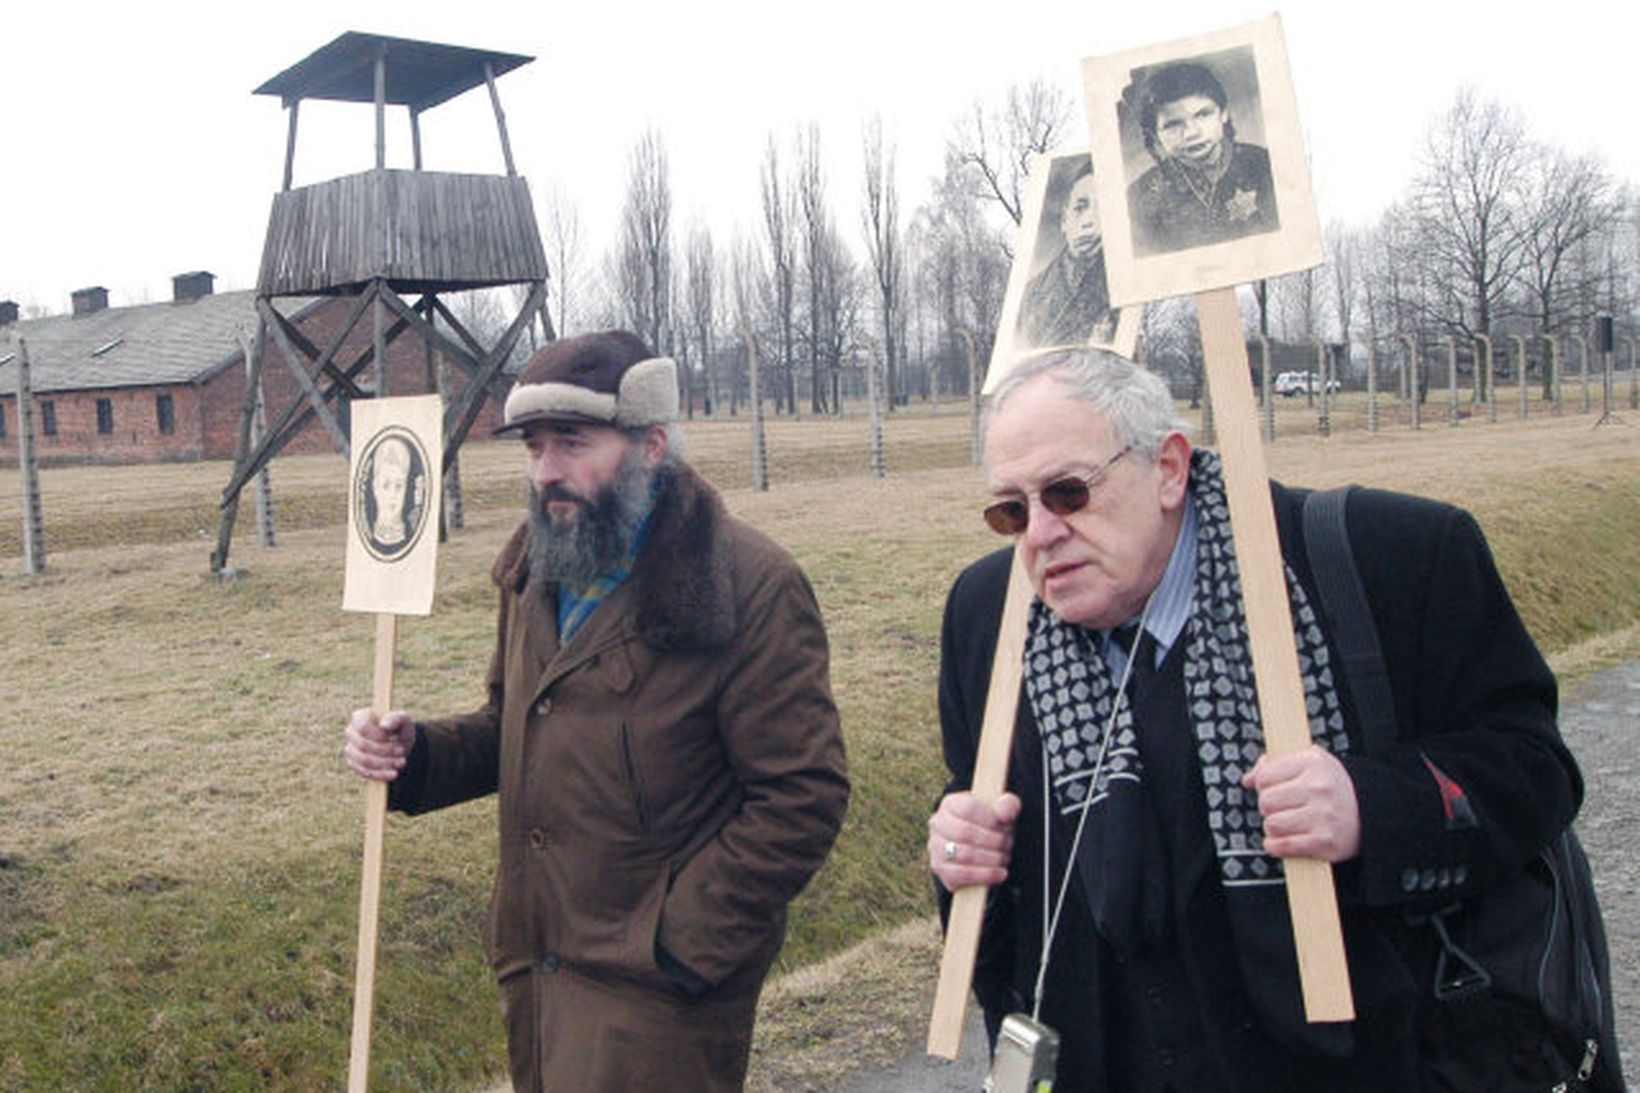 Pólskir gyðingar við útrýmingarbúðir nasista í Auschwitz.